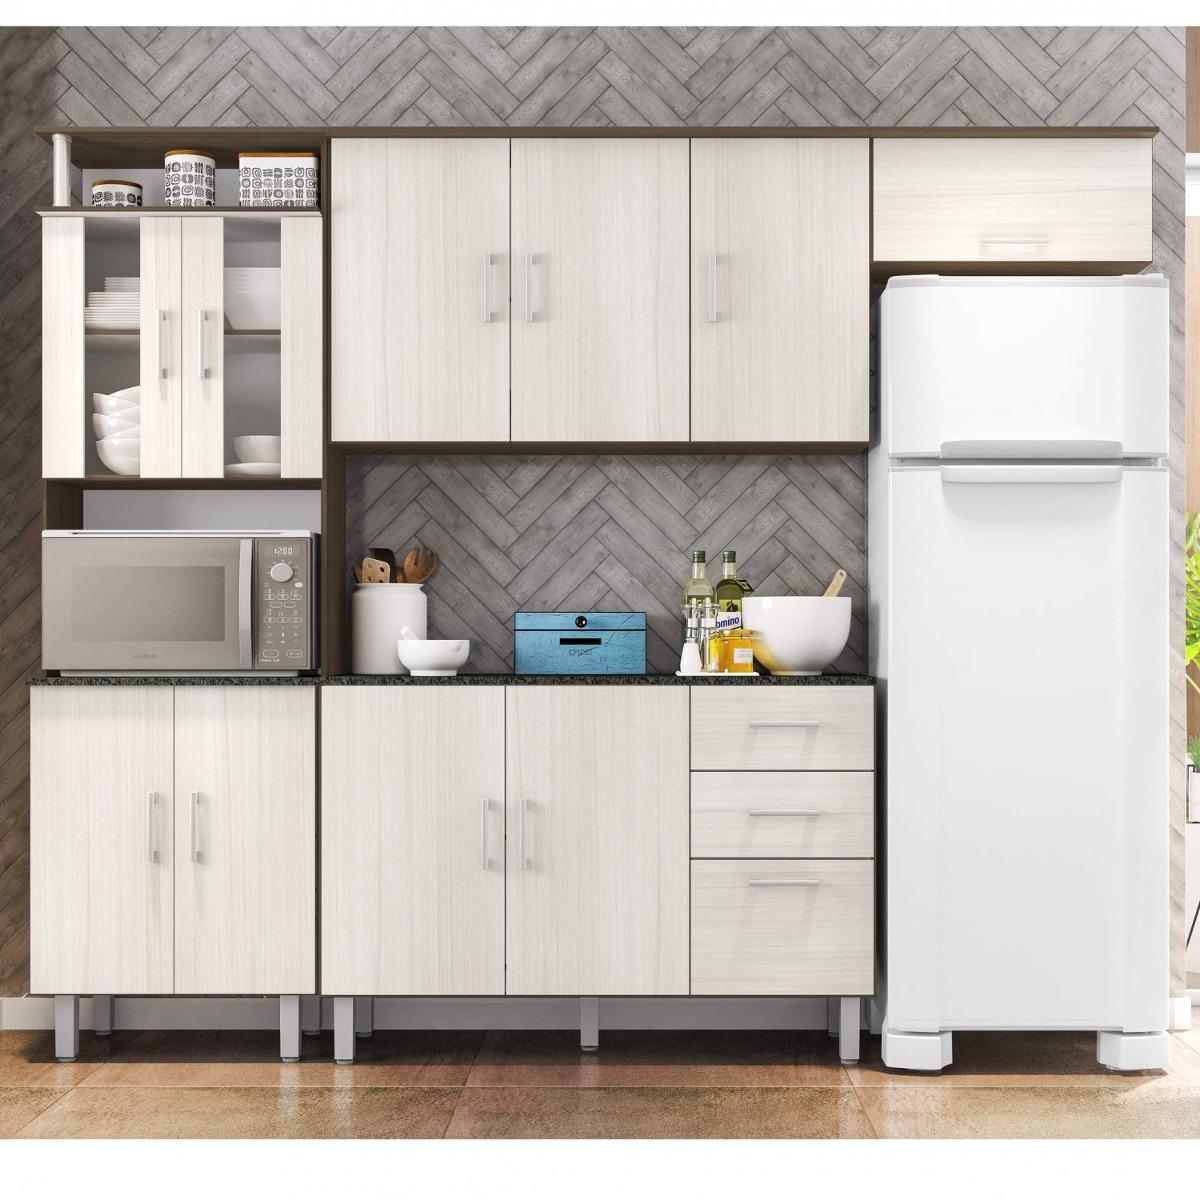 Cozinha Compacta Balc O Com Tampo 120cm 3 Pe As Ggwt R 556 70 Em